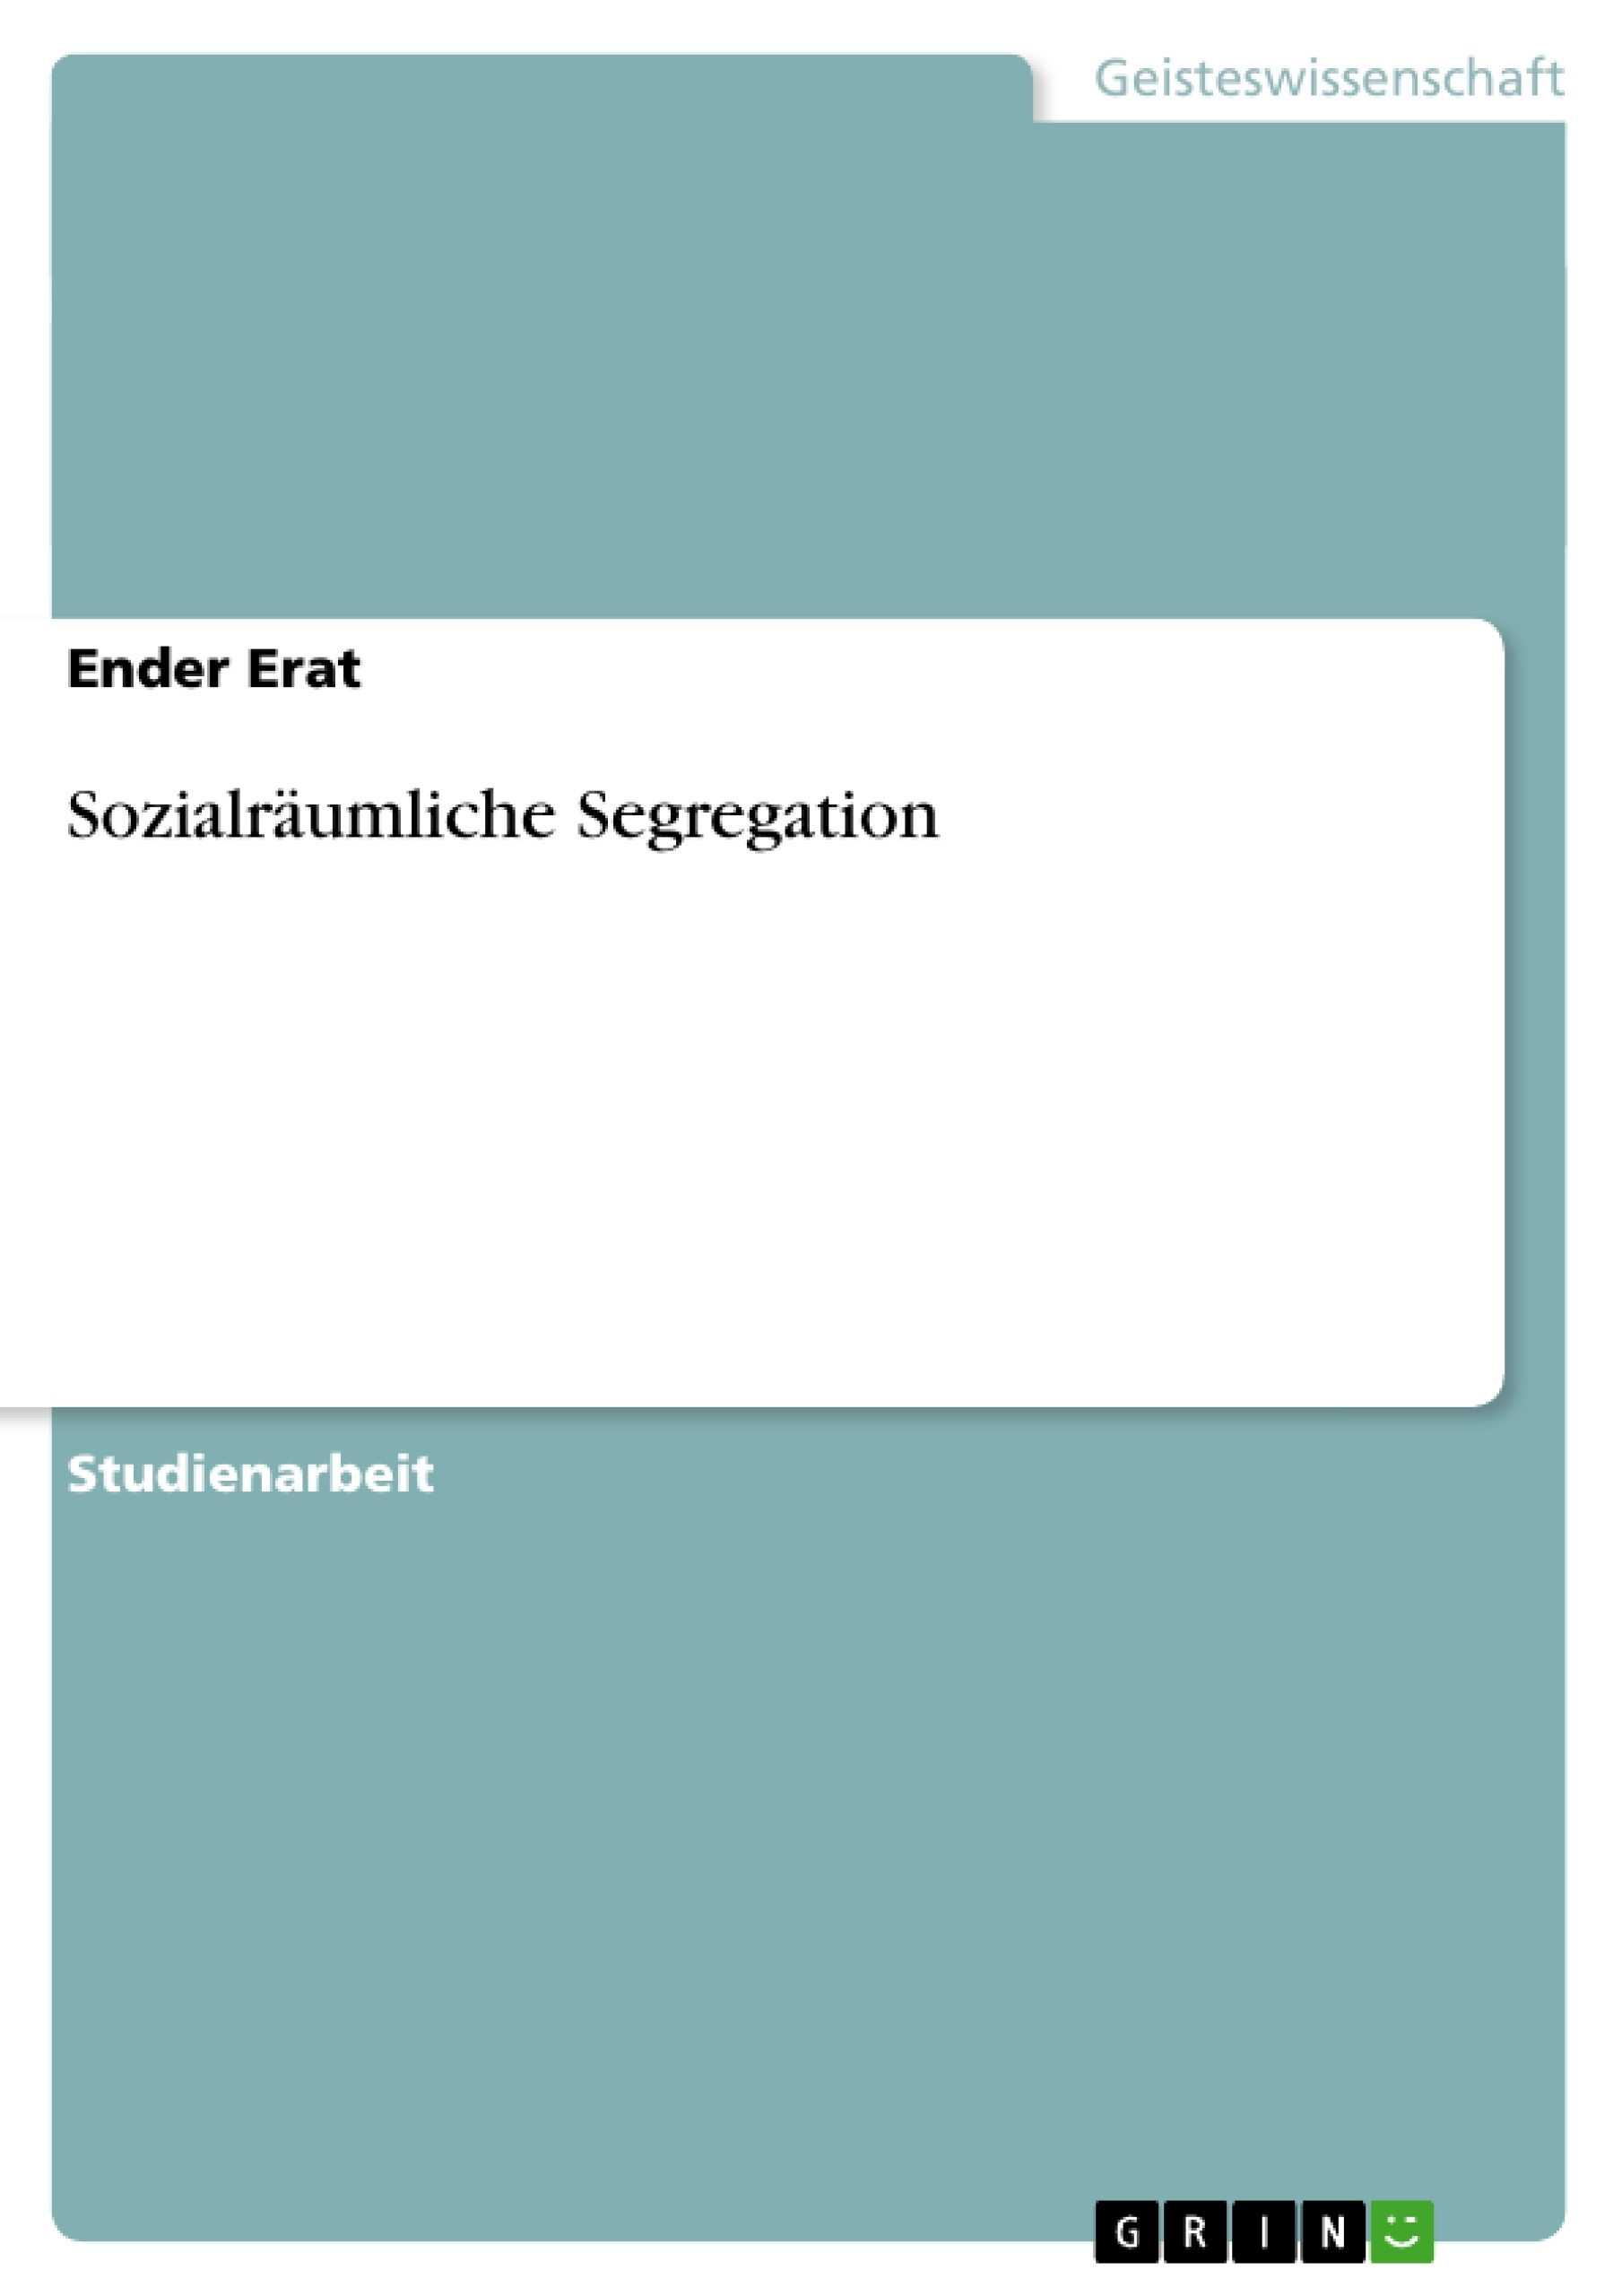 Titel: Sozialräumliche Segregation